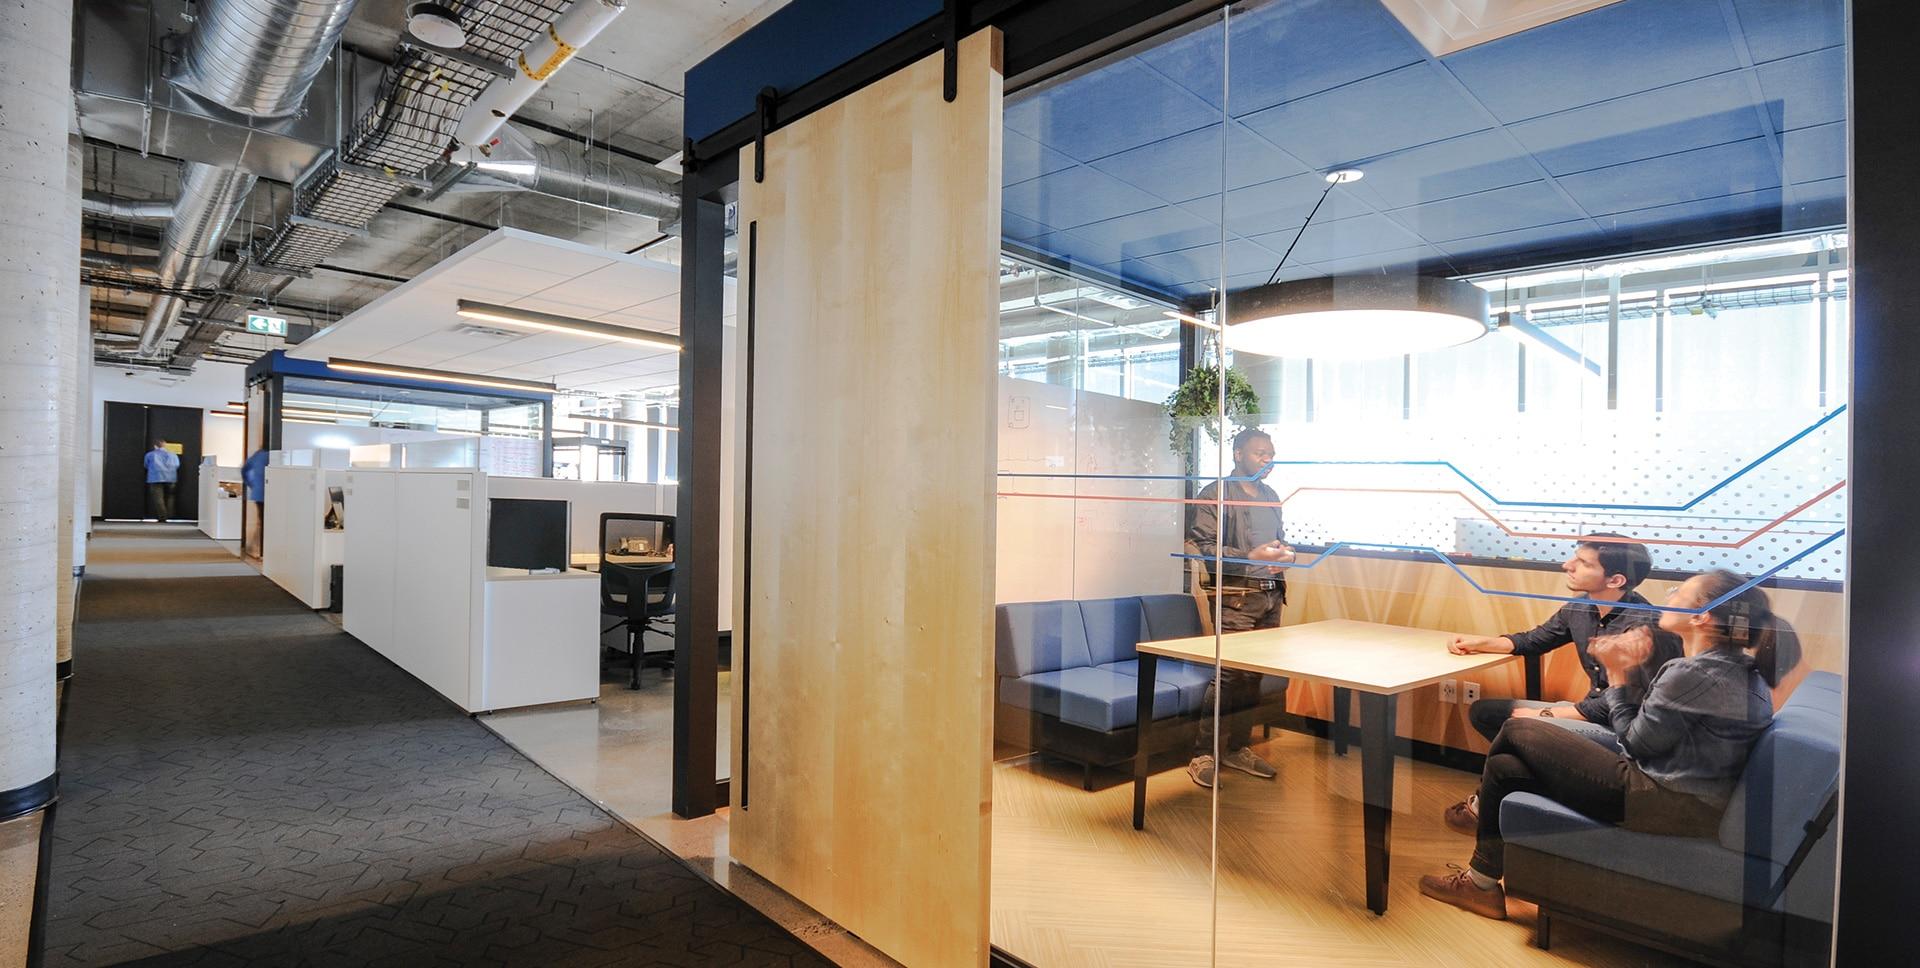 Salles de travail au siège social de Octasic à Montréal aménagé par VAD Designers